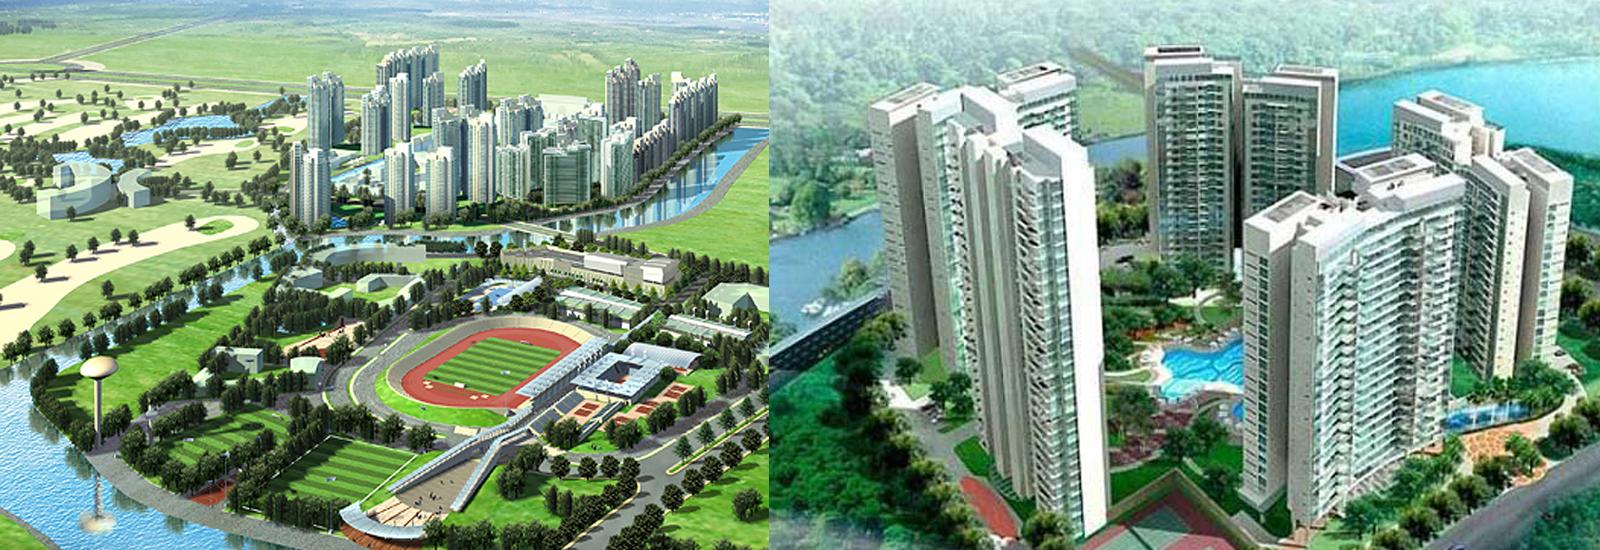 Những yếu tố hội tụ tại dự án SaiGon Sports City Quận 2